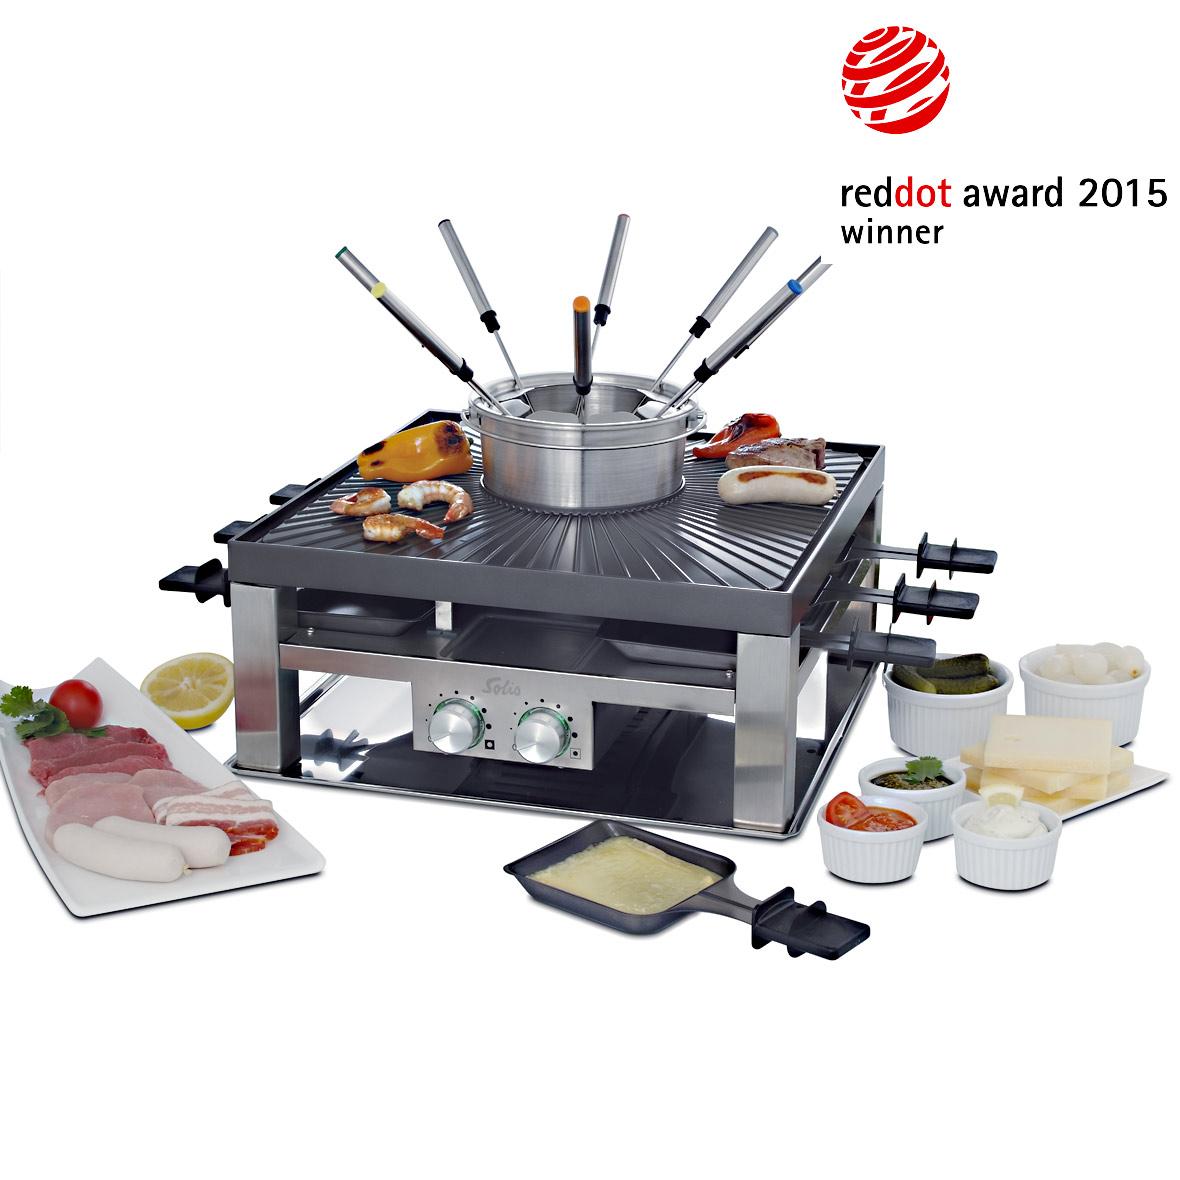 s Combi-Grill 3 in 1 - reddot award 2015 winner